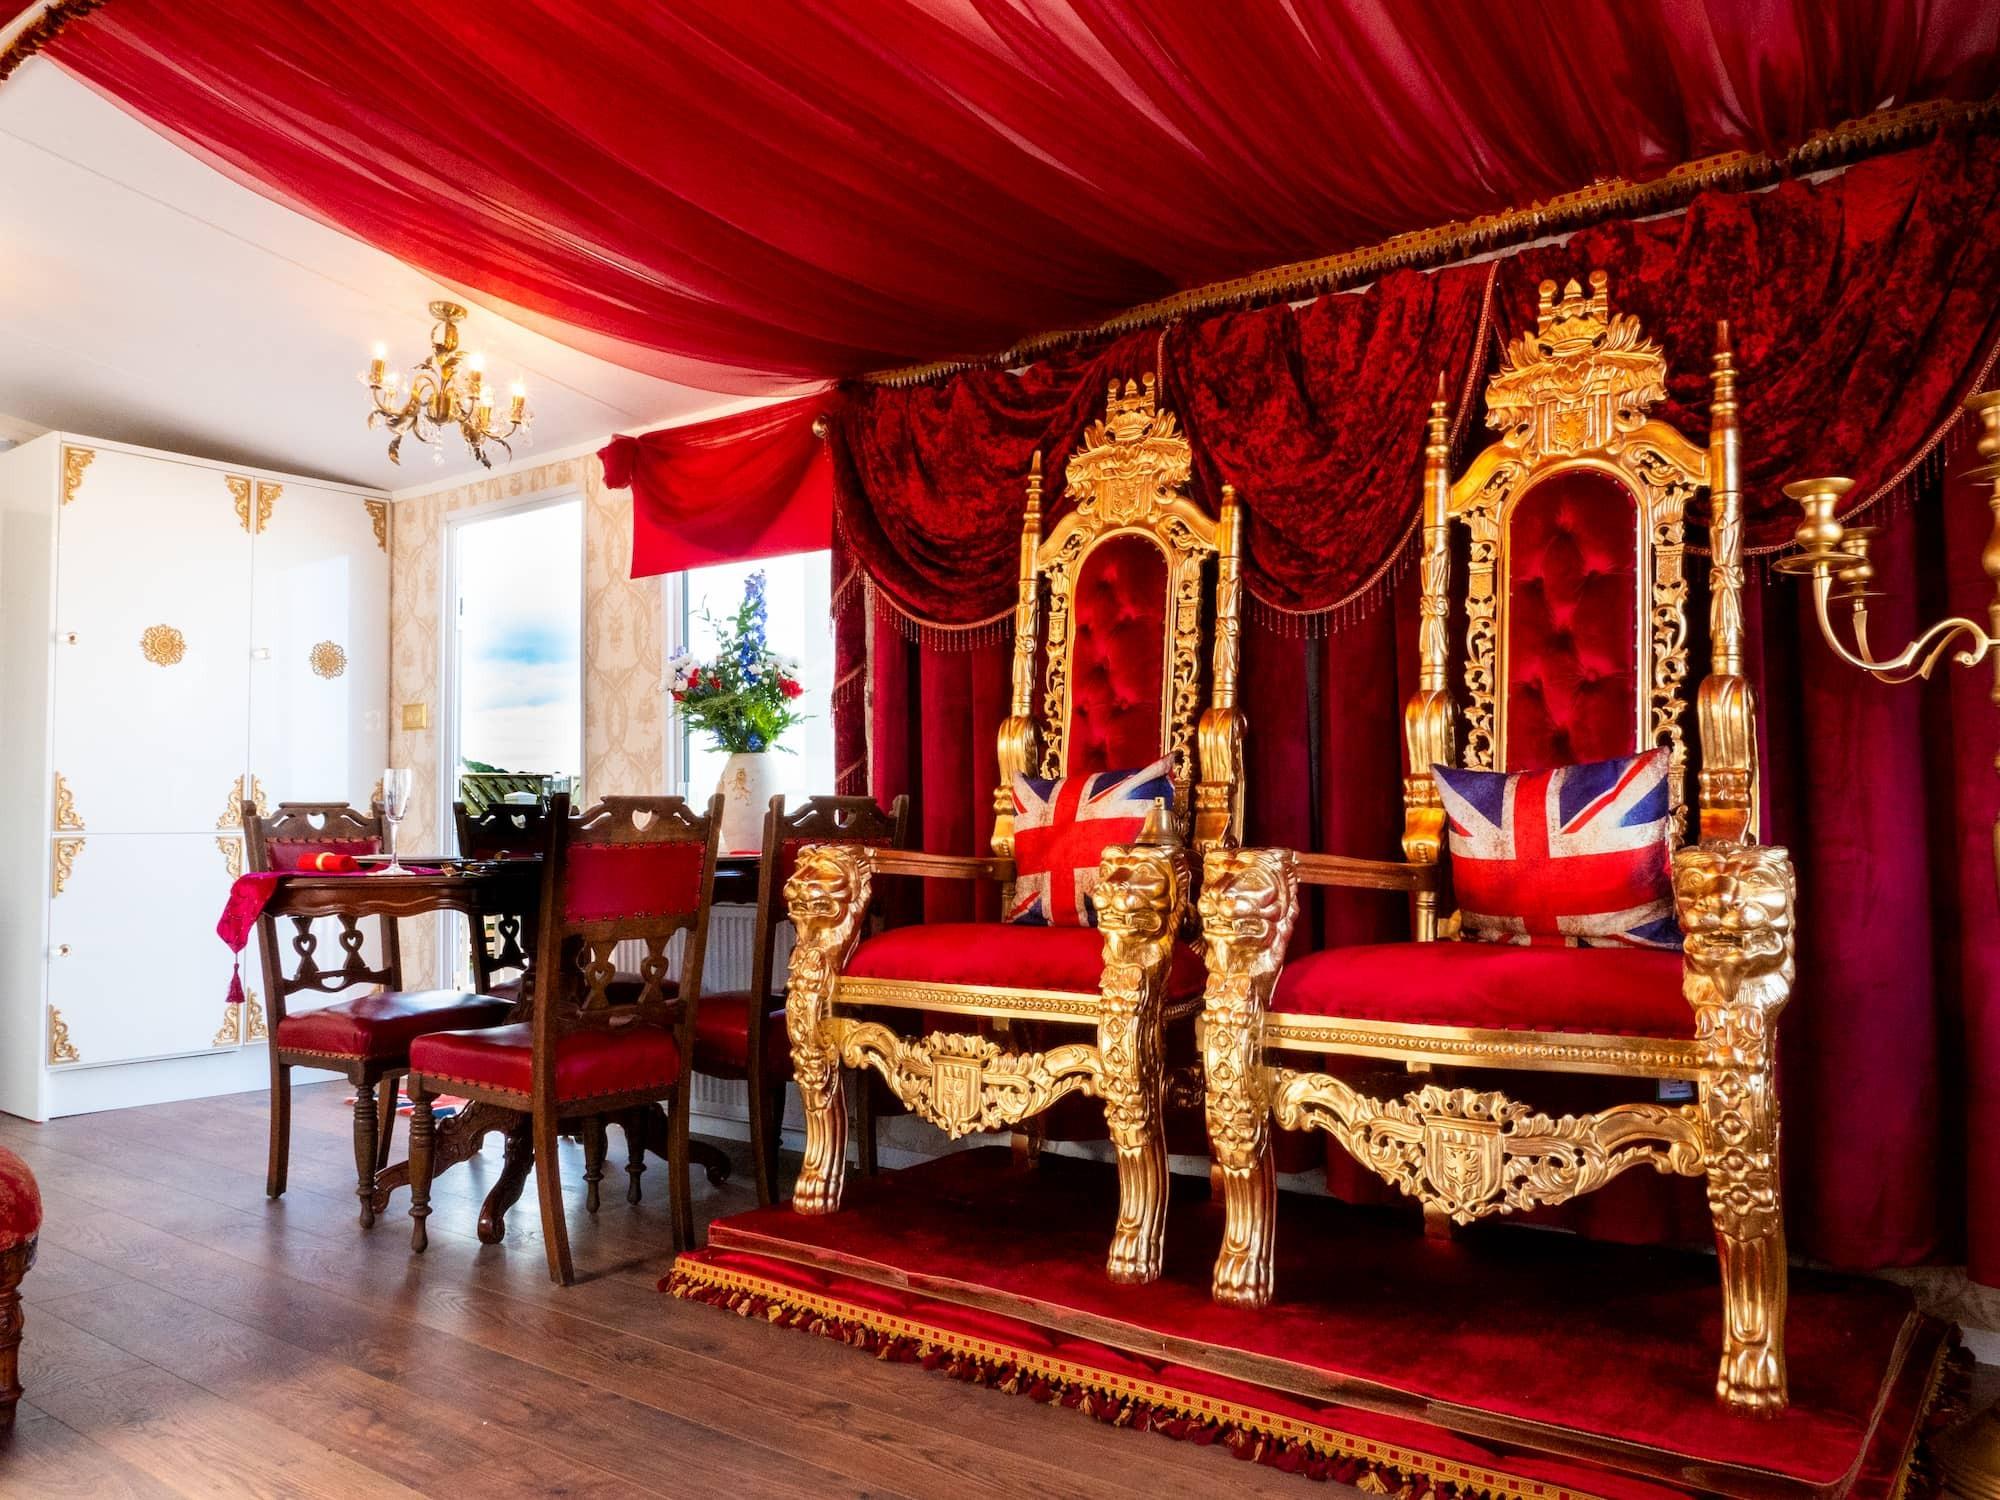 The Royal Caravan | Holiday like Royalty | Parkdean Resorts